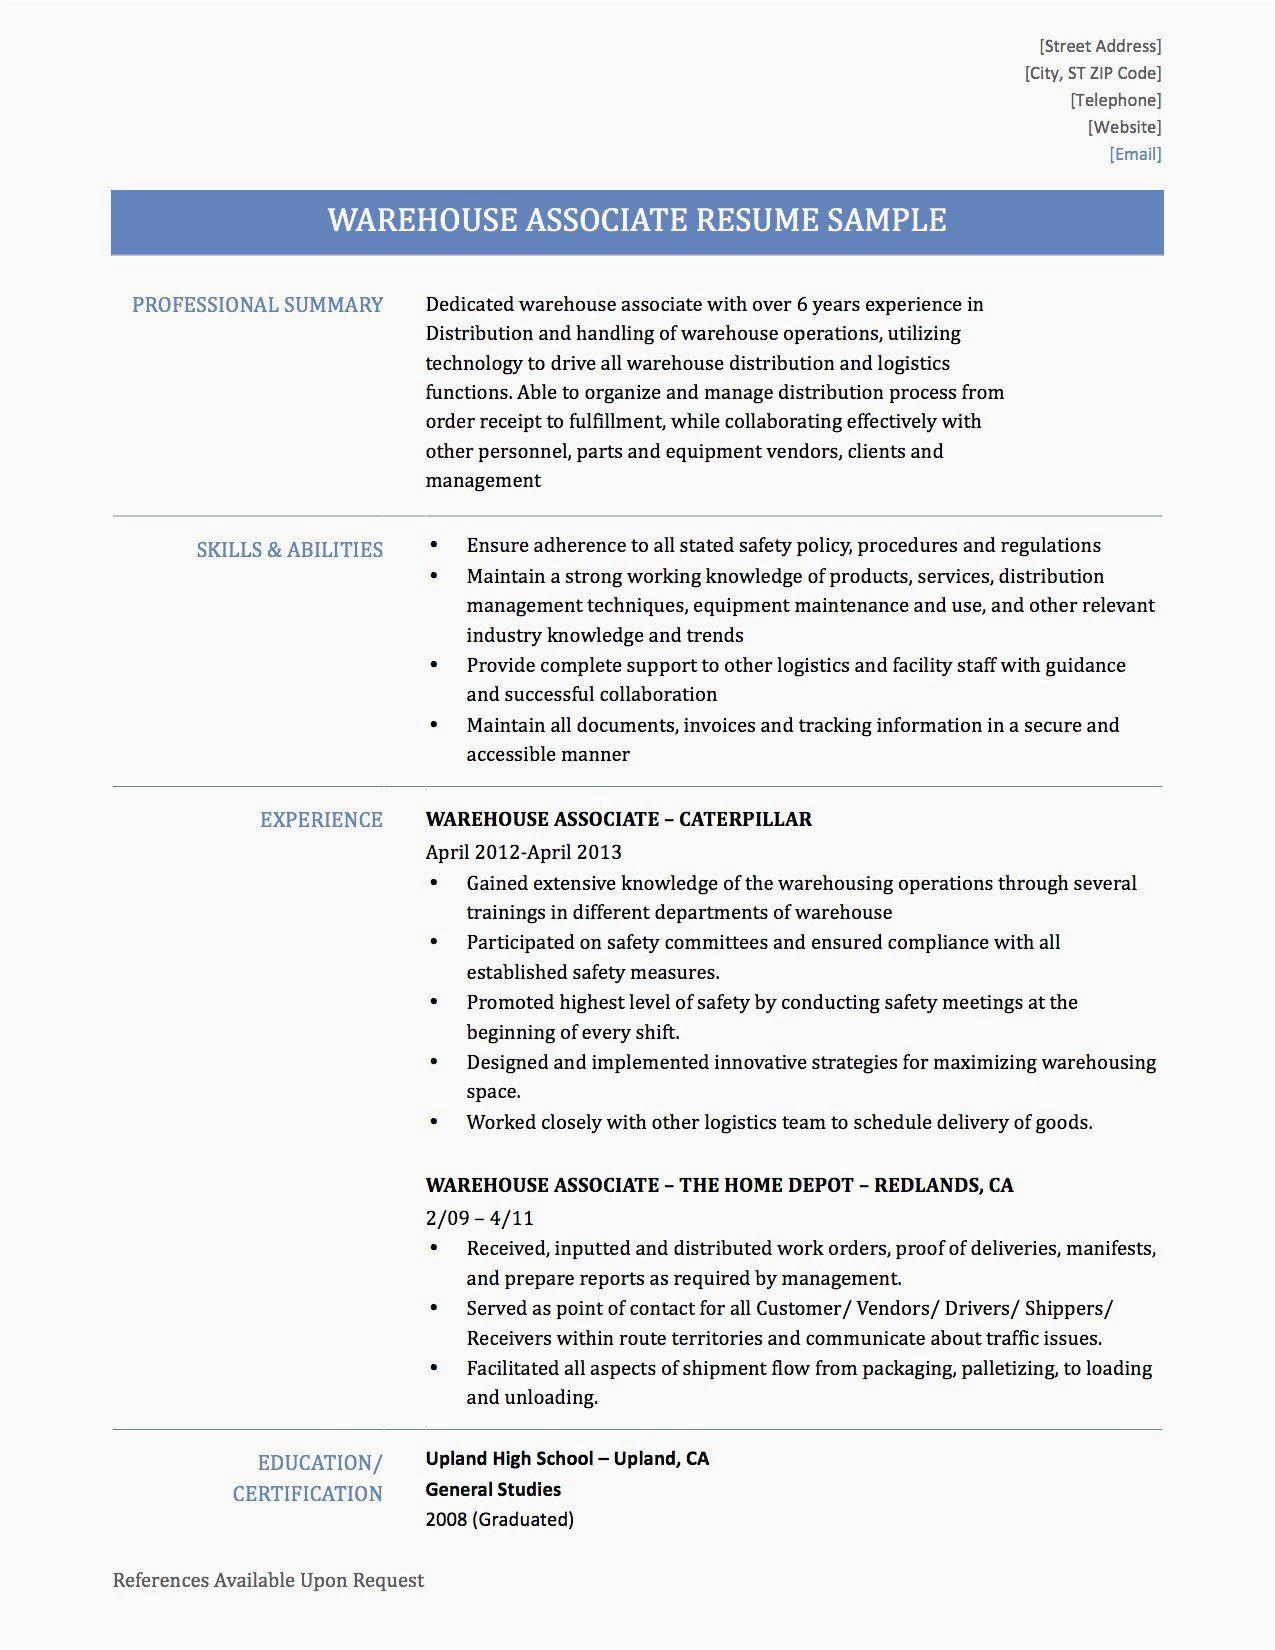 Sample Resume for Warehouse Supervisor Position Warehouse Supervisor Resume Sample Best Resume Examples